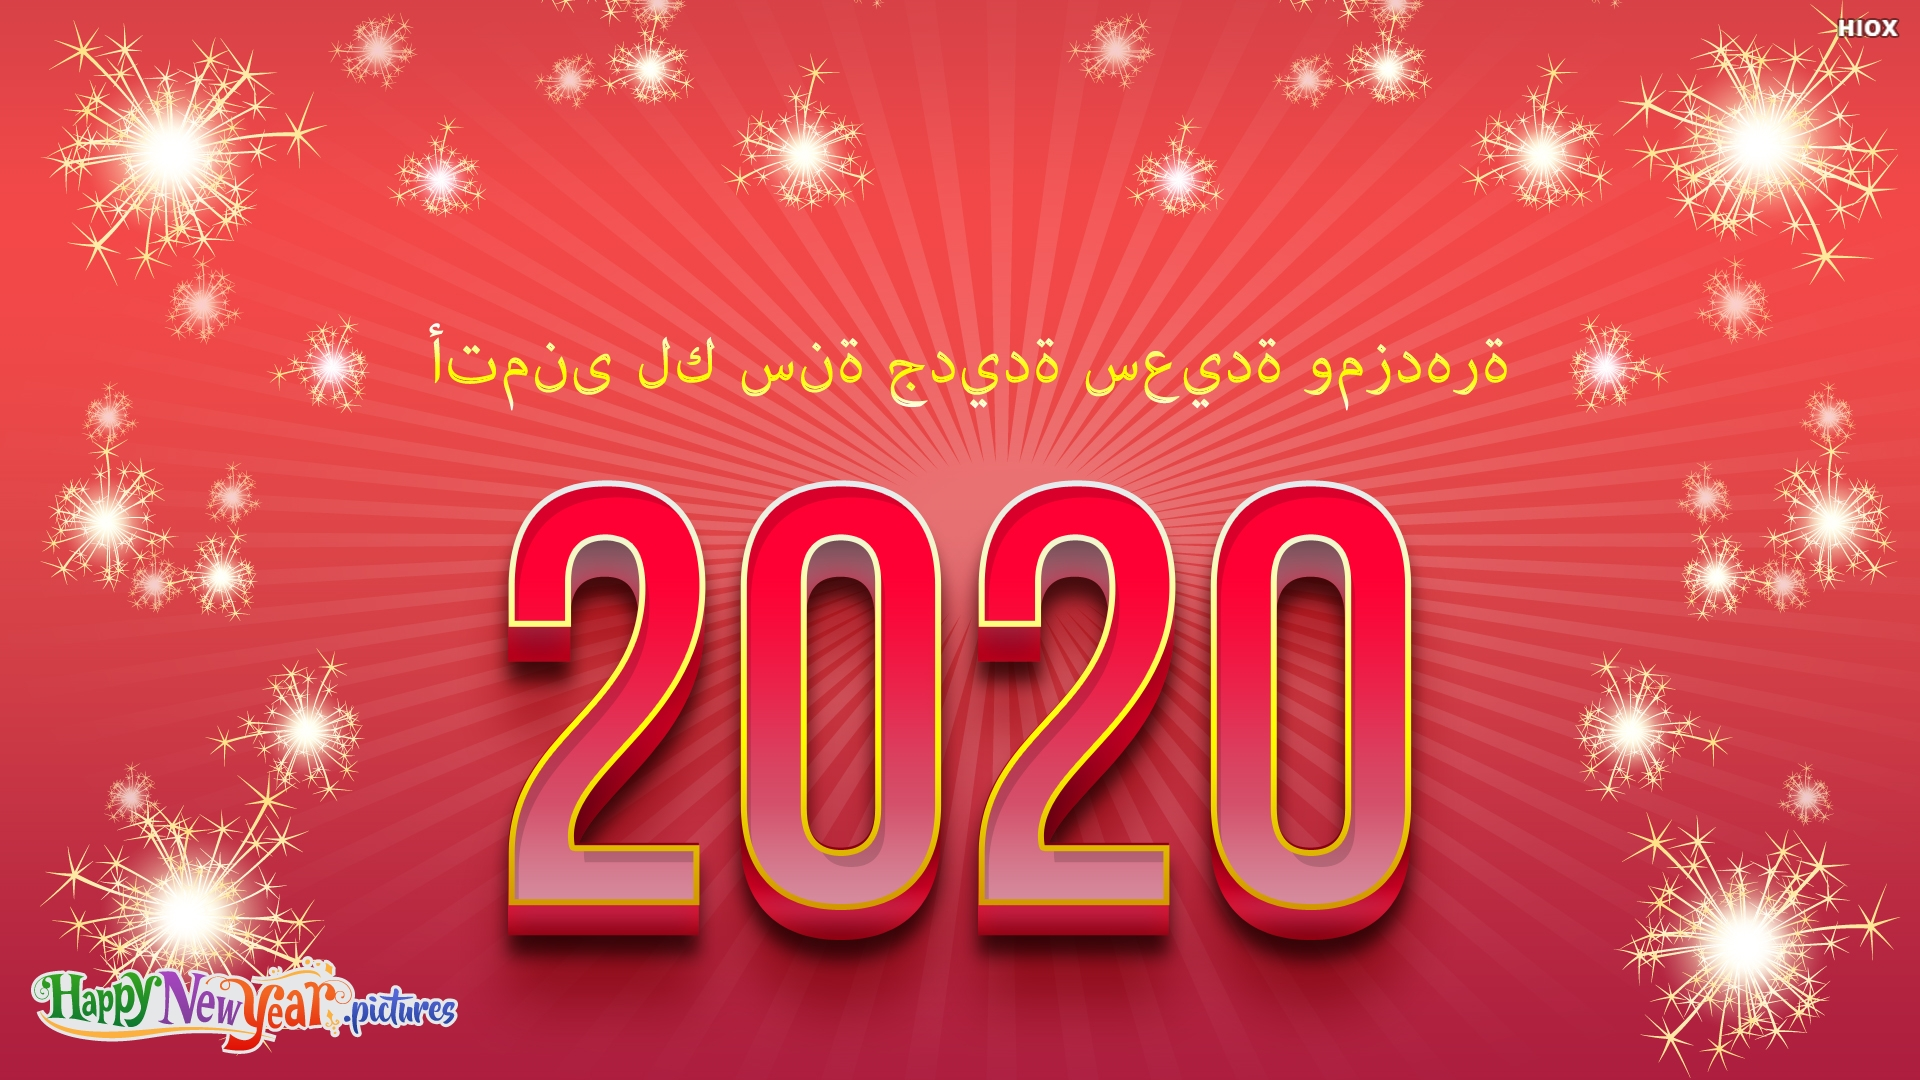 أتمنى لك سنة جديدة سعيدة ومزدهرة